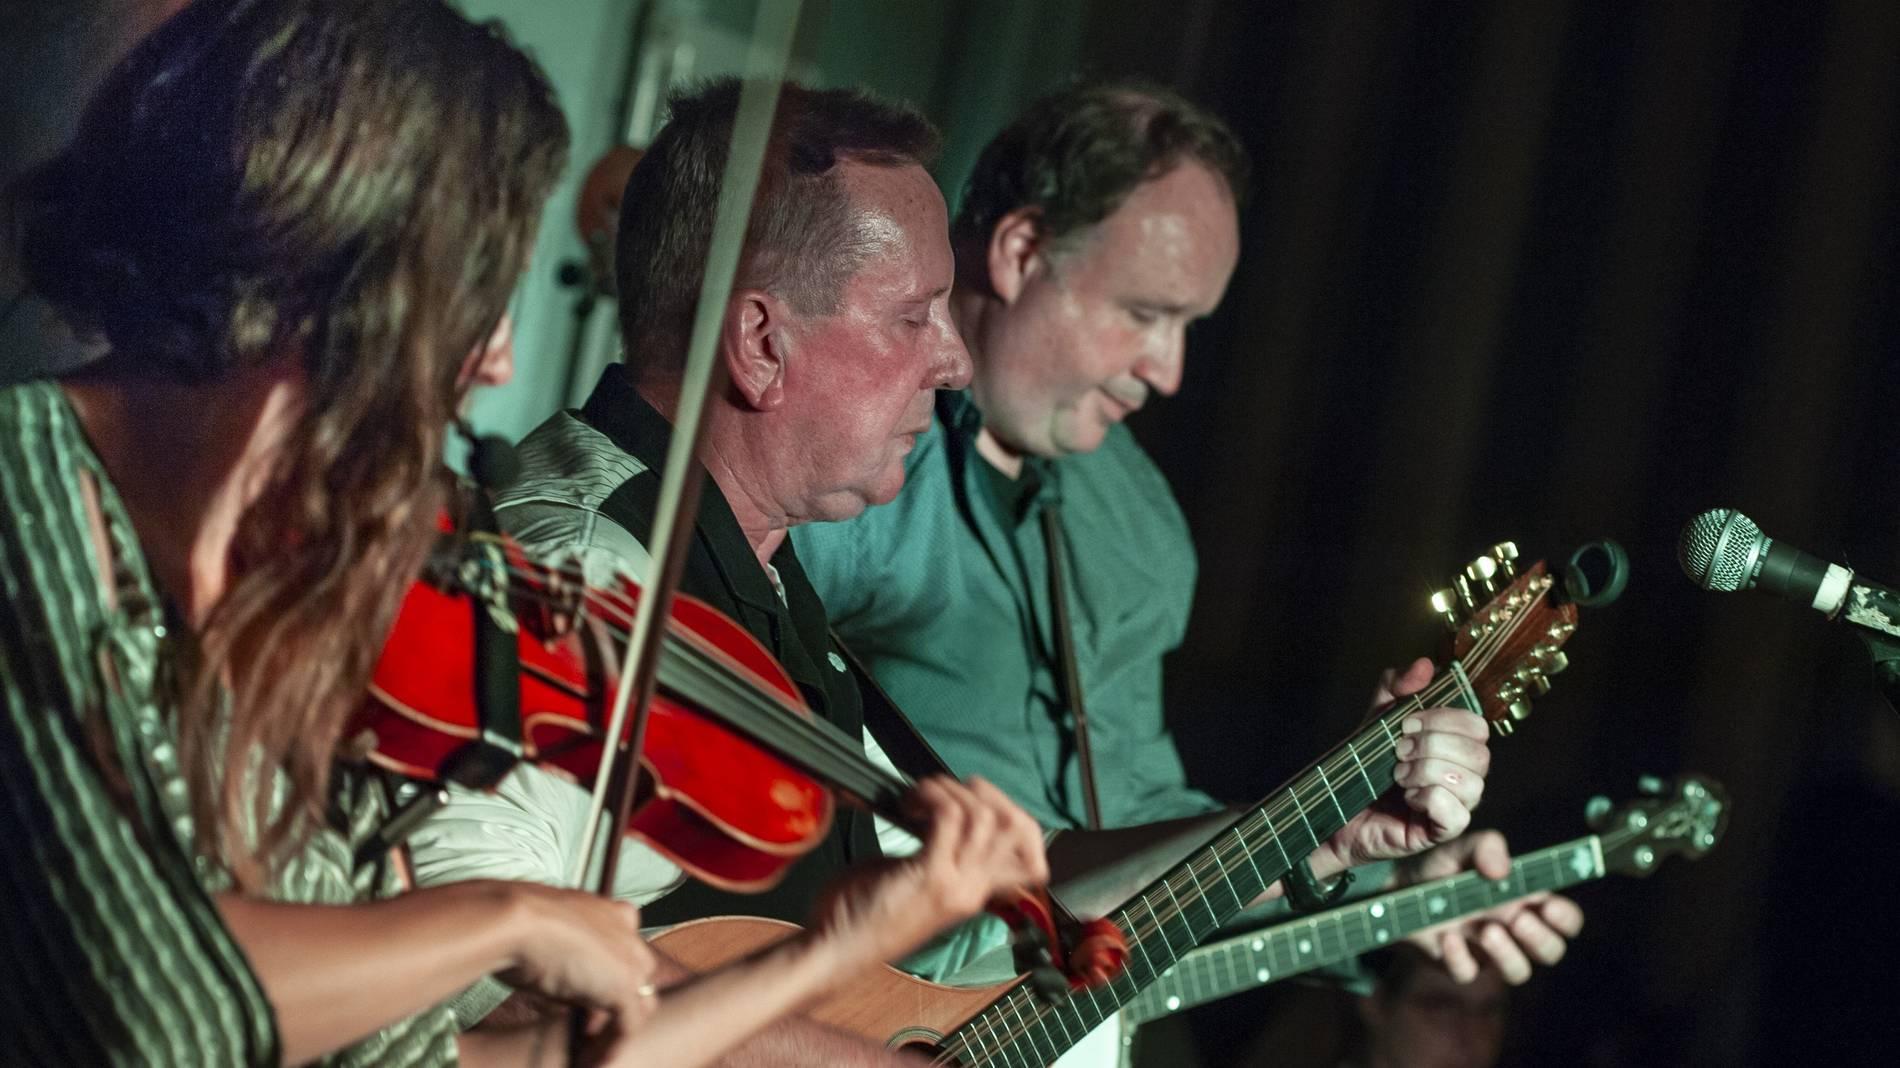 Wermelskirchen Konzerte Im Haus Eifgen Mit Devil In The Kitchen